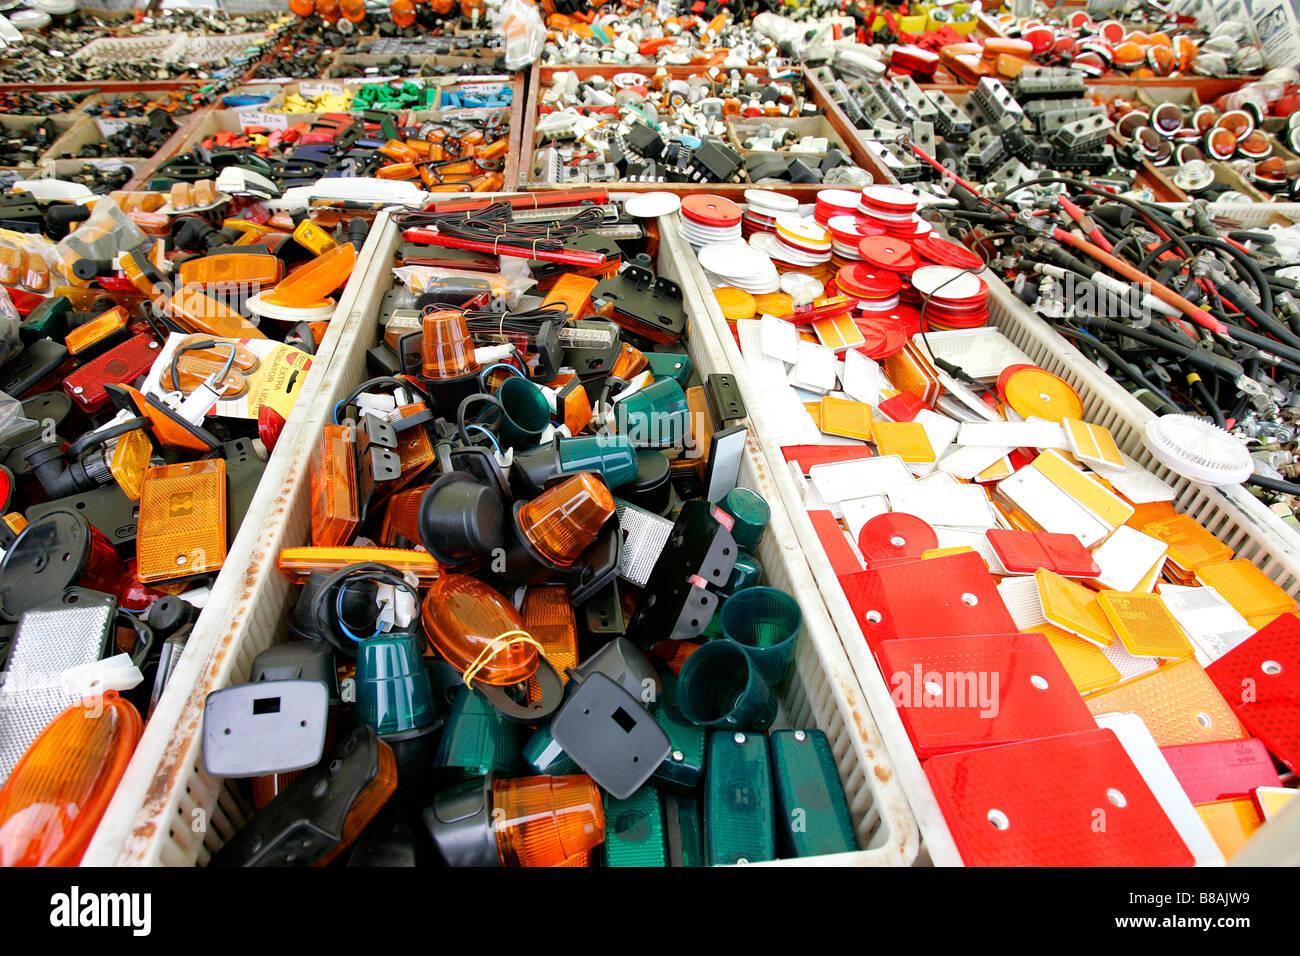 Auto Ersatzteile Teile Box Shop Kfz-Artikel Verkauf durcheinander ...